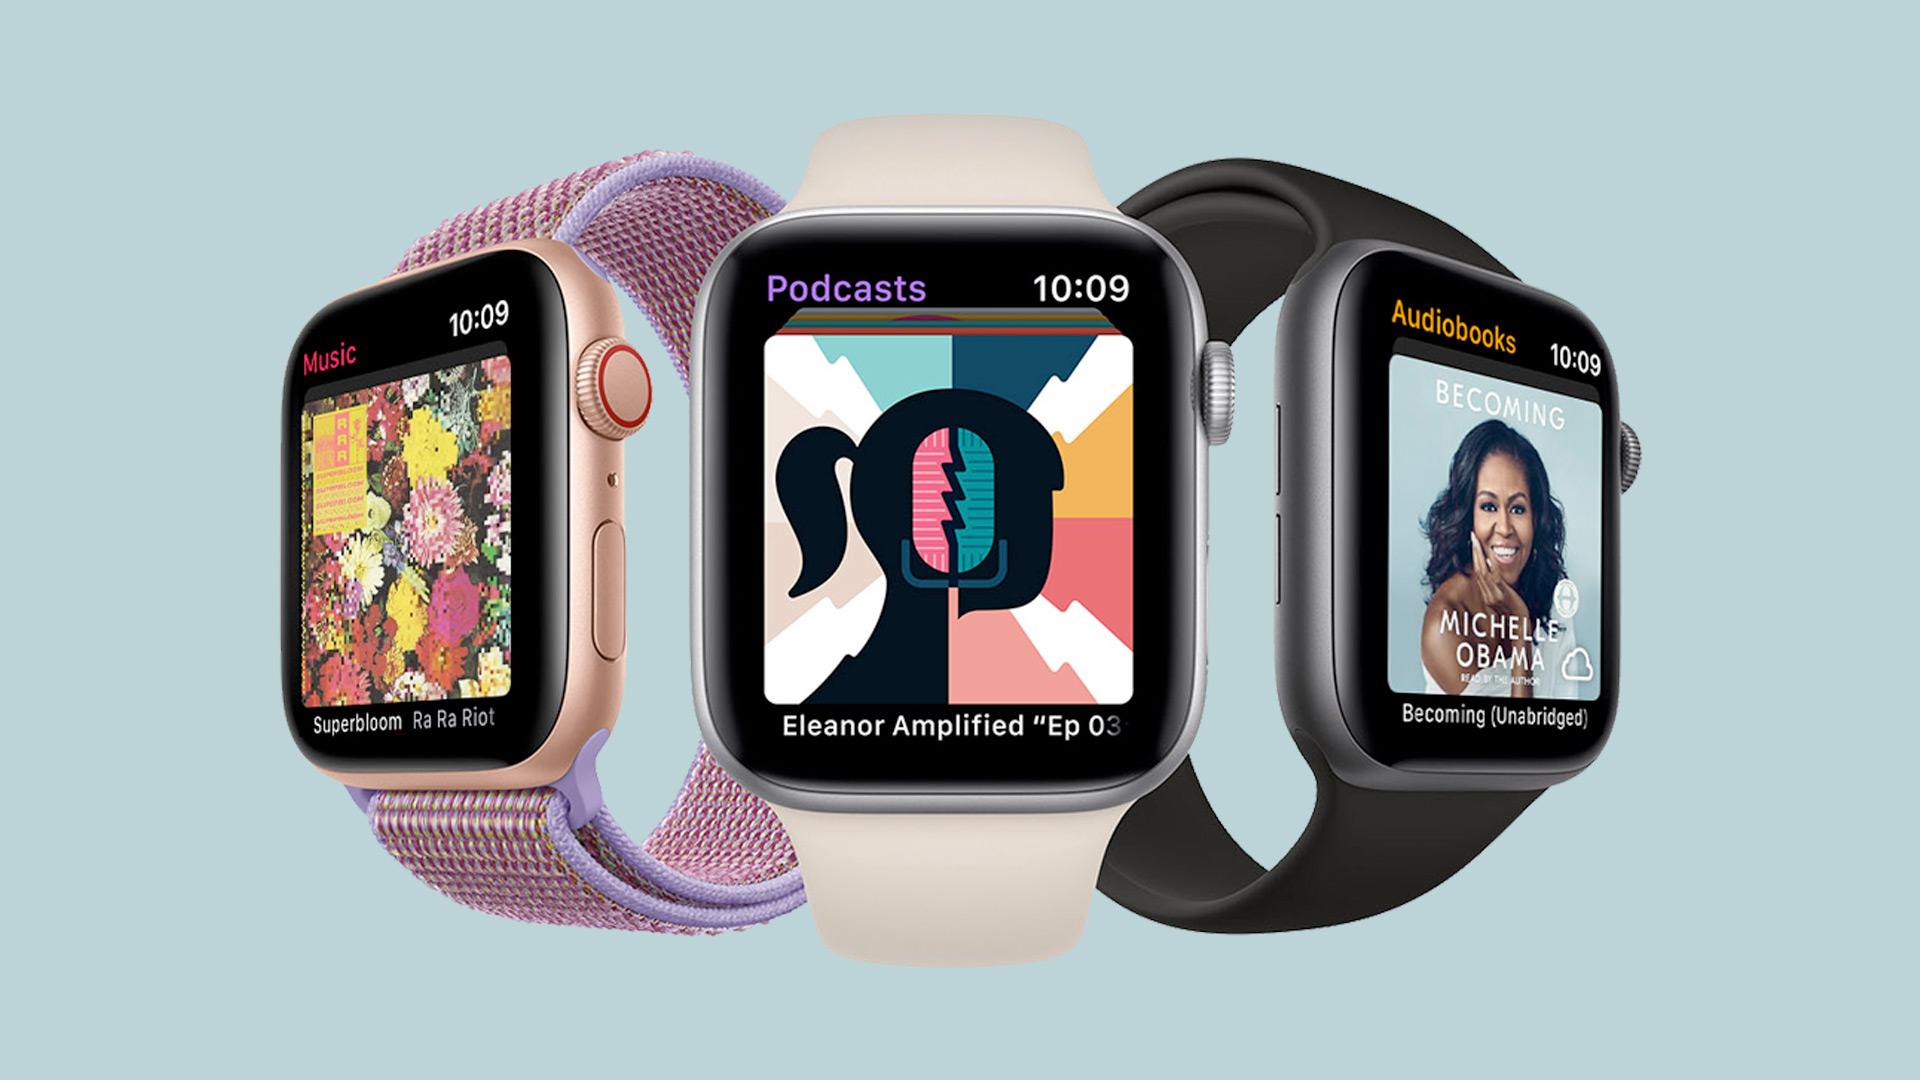 Cómo usar la aplicación Libros y reproducir audiolibros en tu Apple Watch Corriendo en watchOS 6